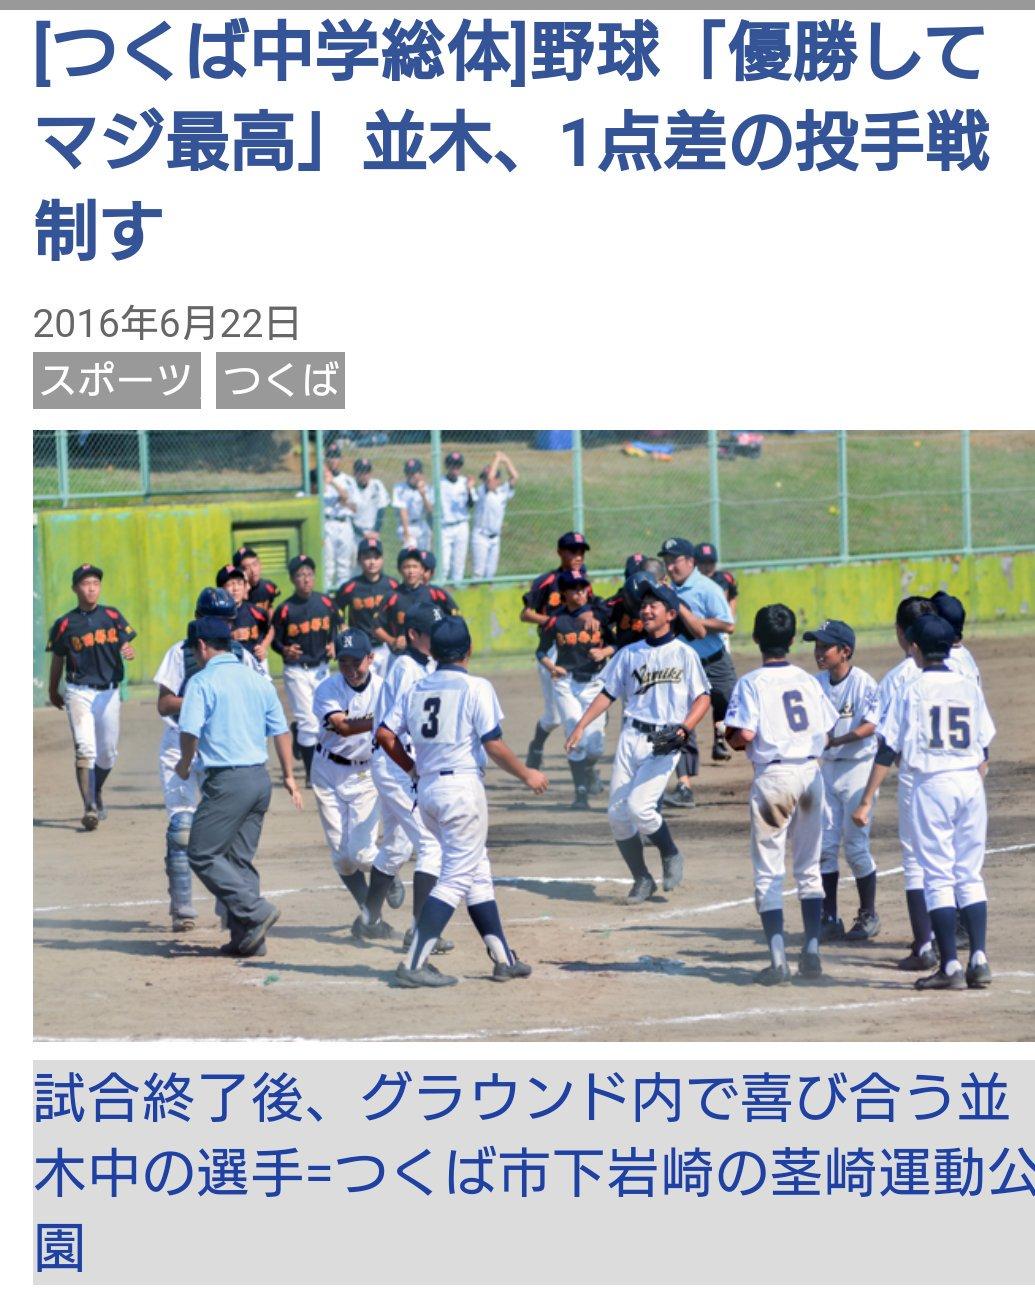 つくば・土浦の2チームが初戦突破 県選抜中学野球 …